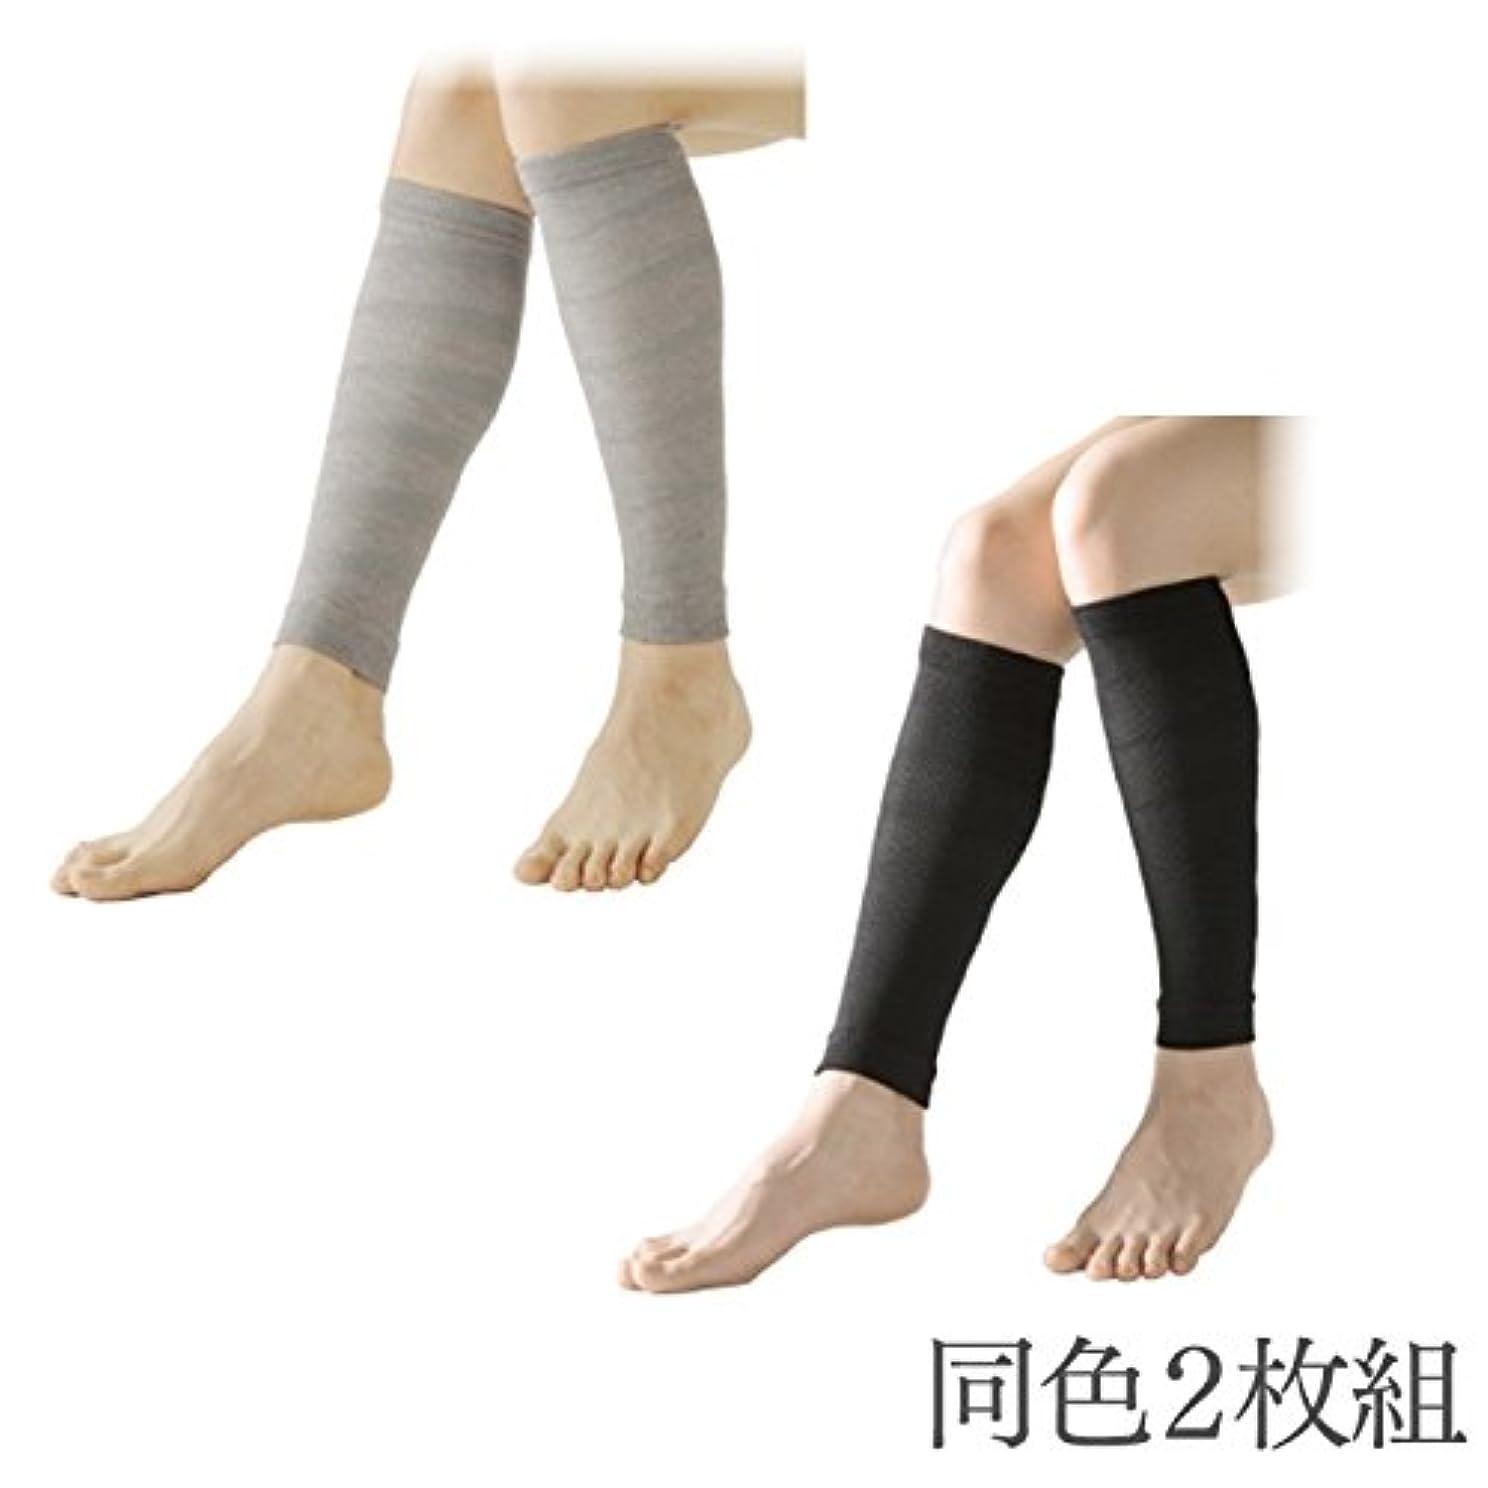 会計成り立つ清める着圧ソックス 足のむくみ 靴下 むくみ解消 着圧ふくらはぎサポーター 2枚組